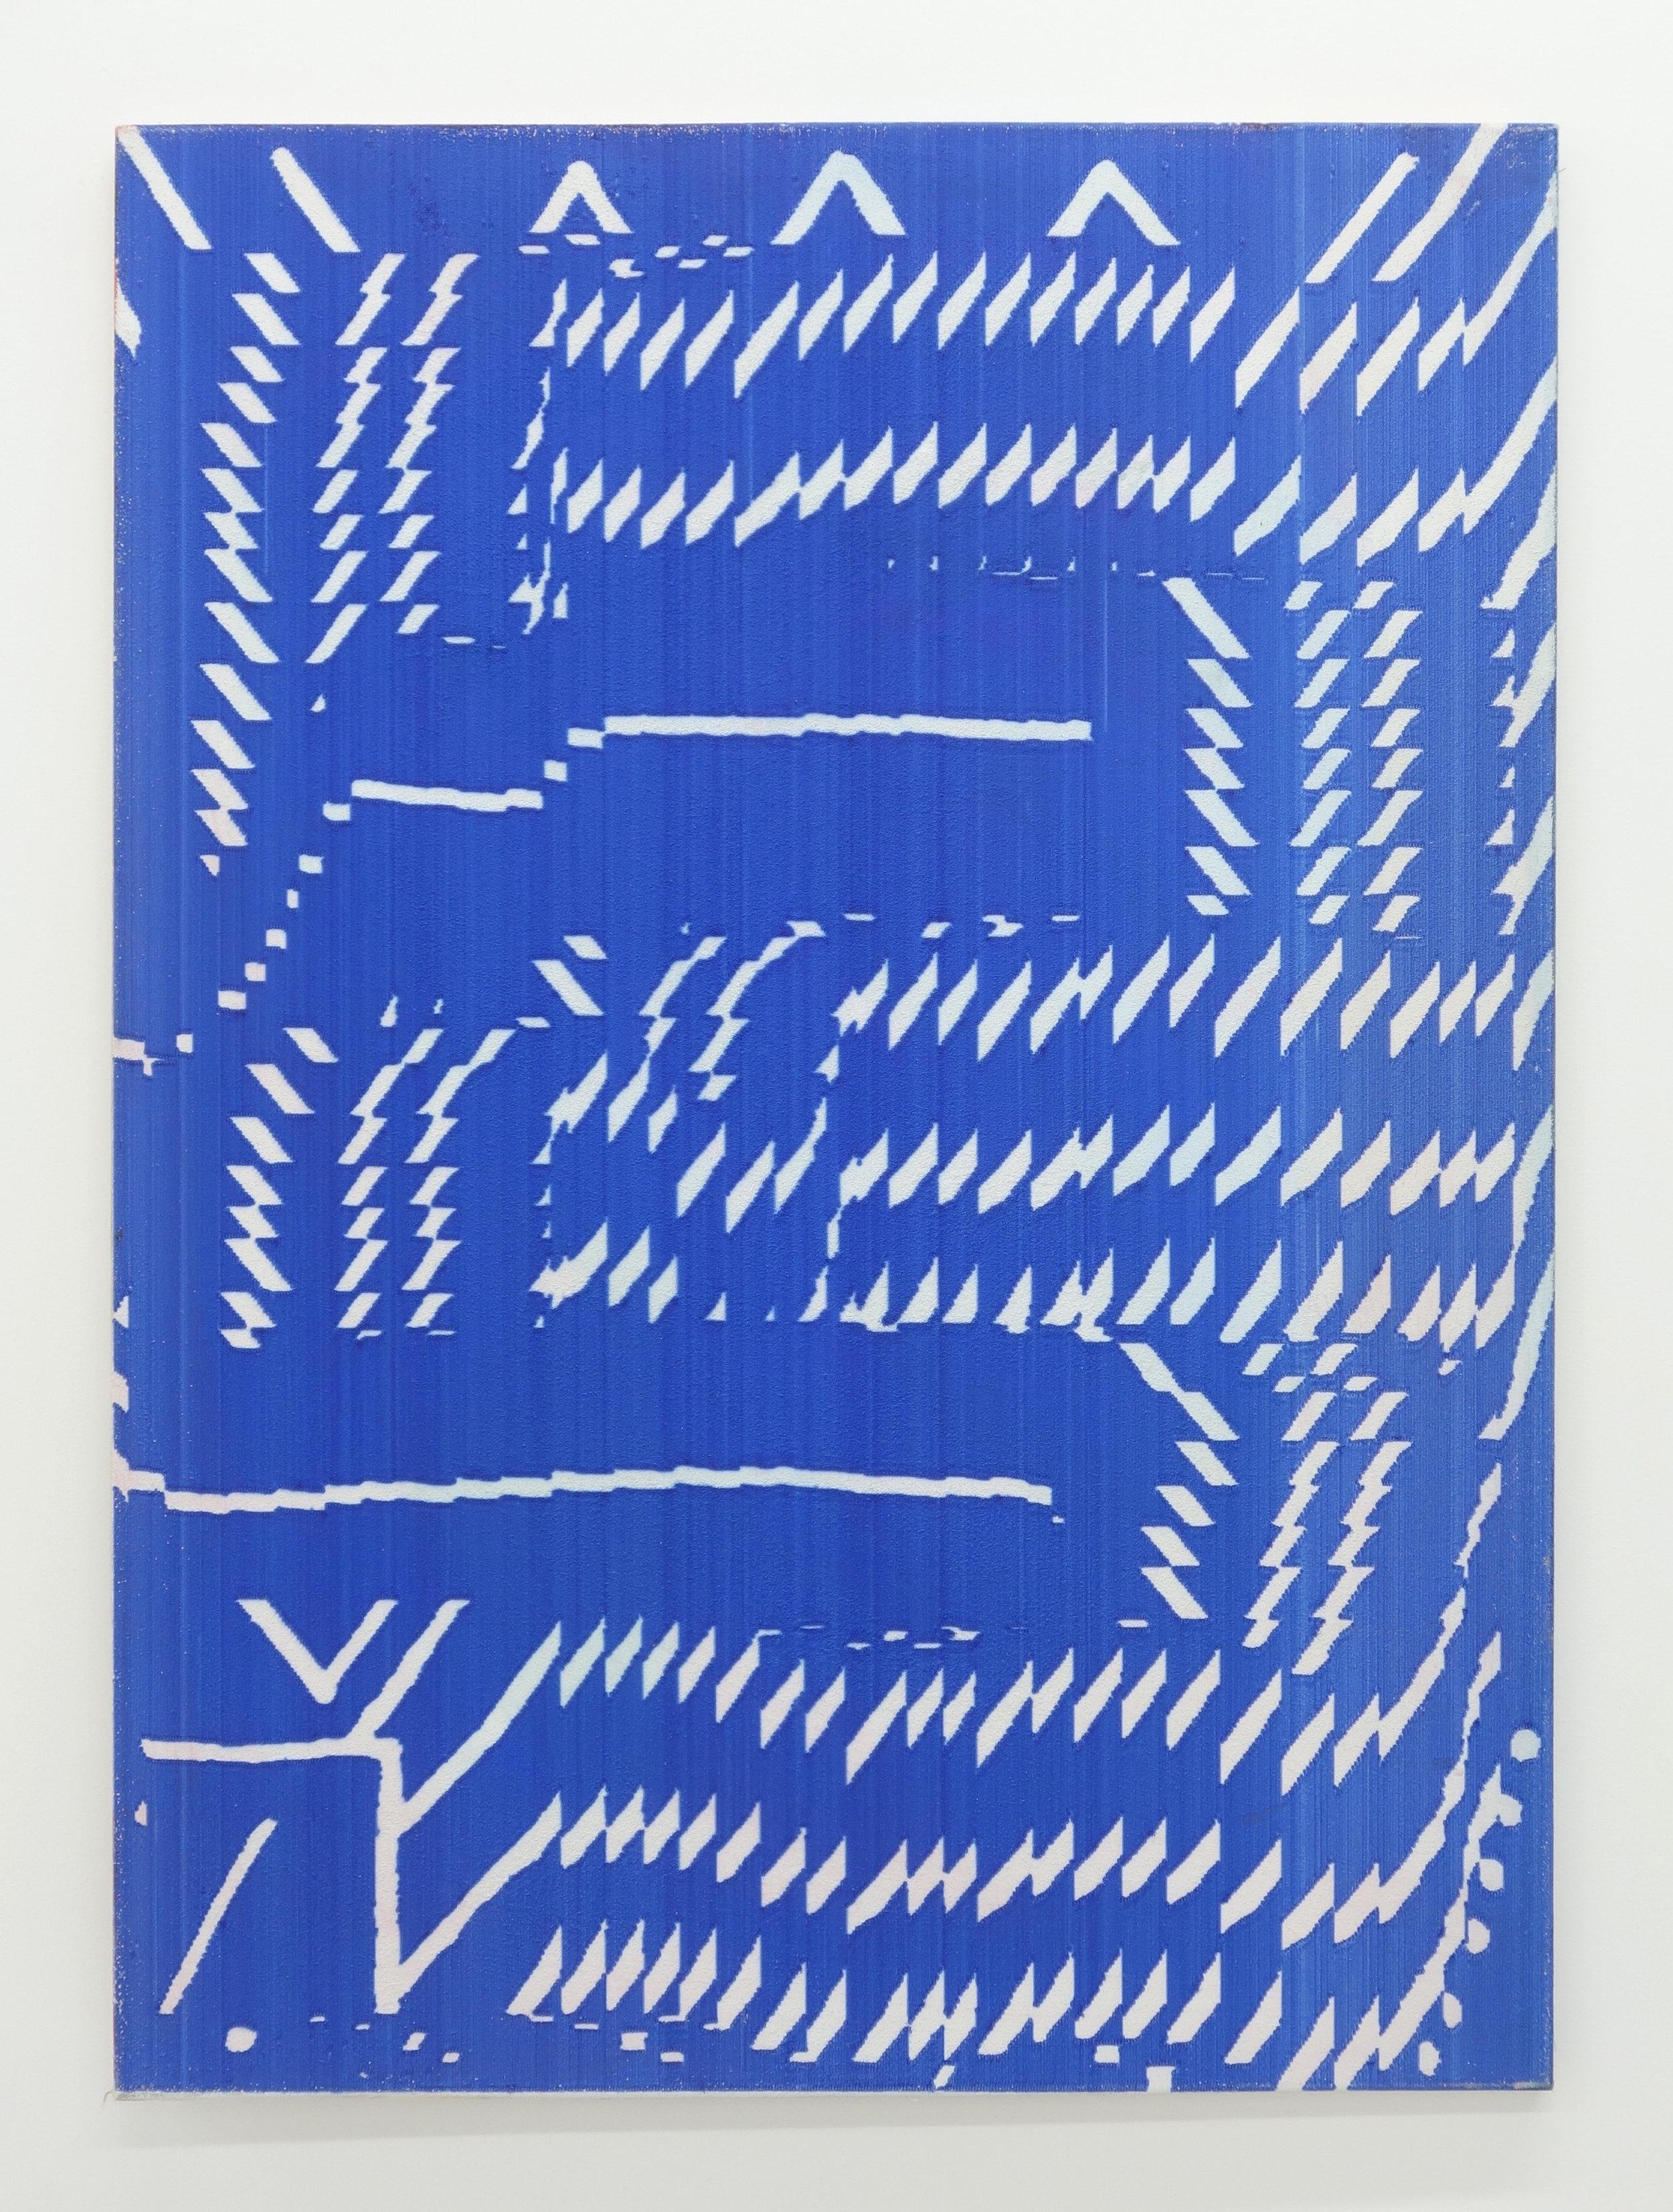 1 Natan Lawson Blue 40x30.jpg